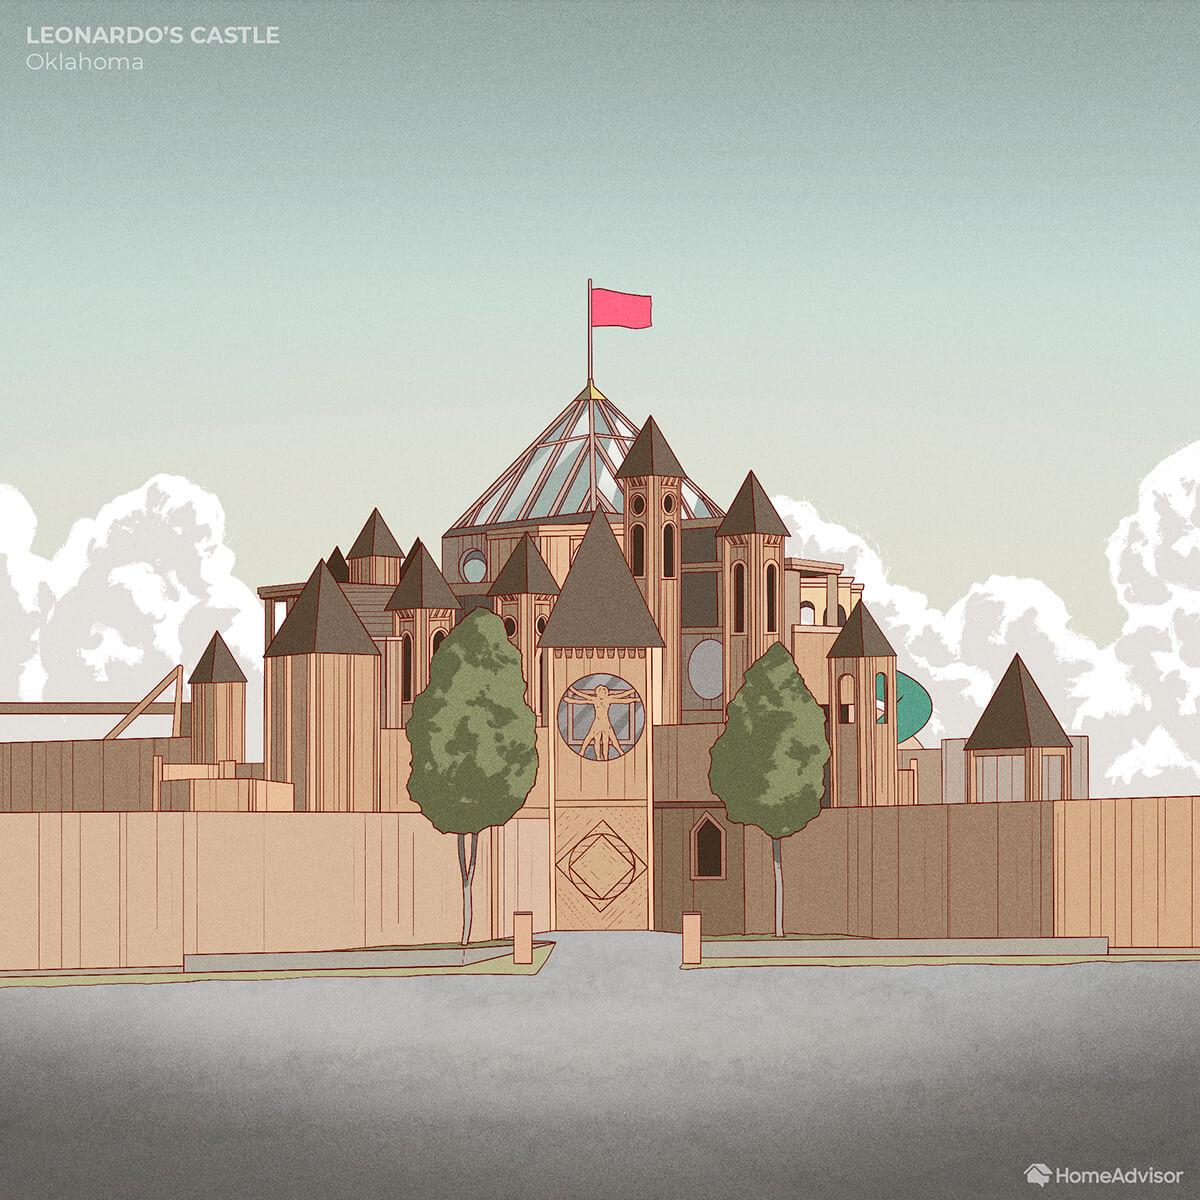 Leonardos Castle